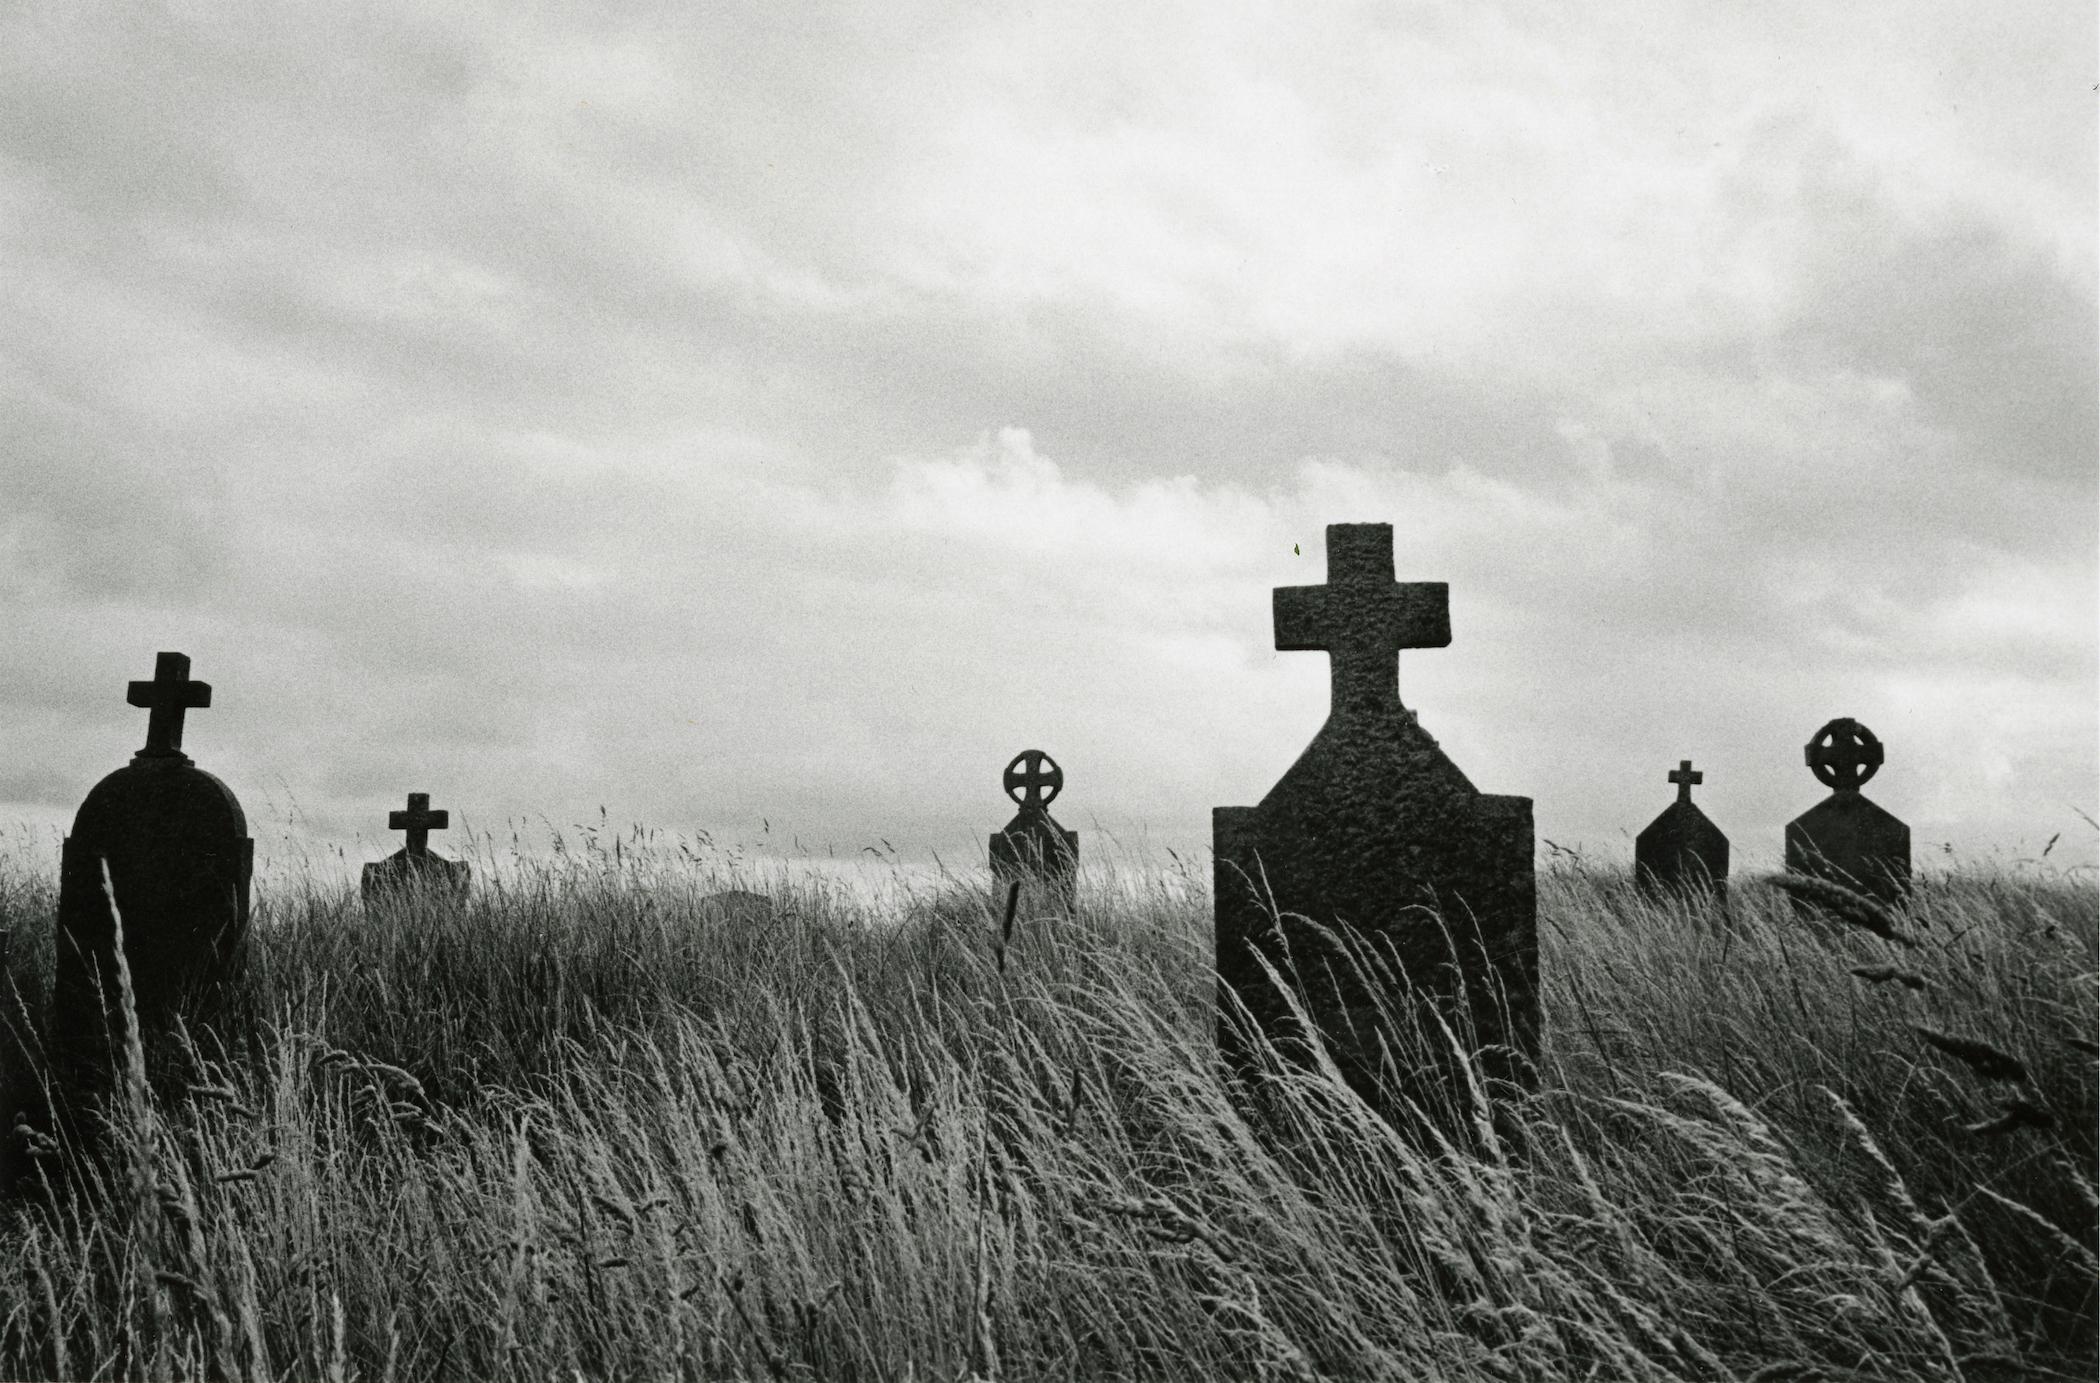 Willard_Pate_Fishermen's Graveyard.jpg.72dpi.jpg